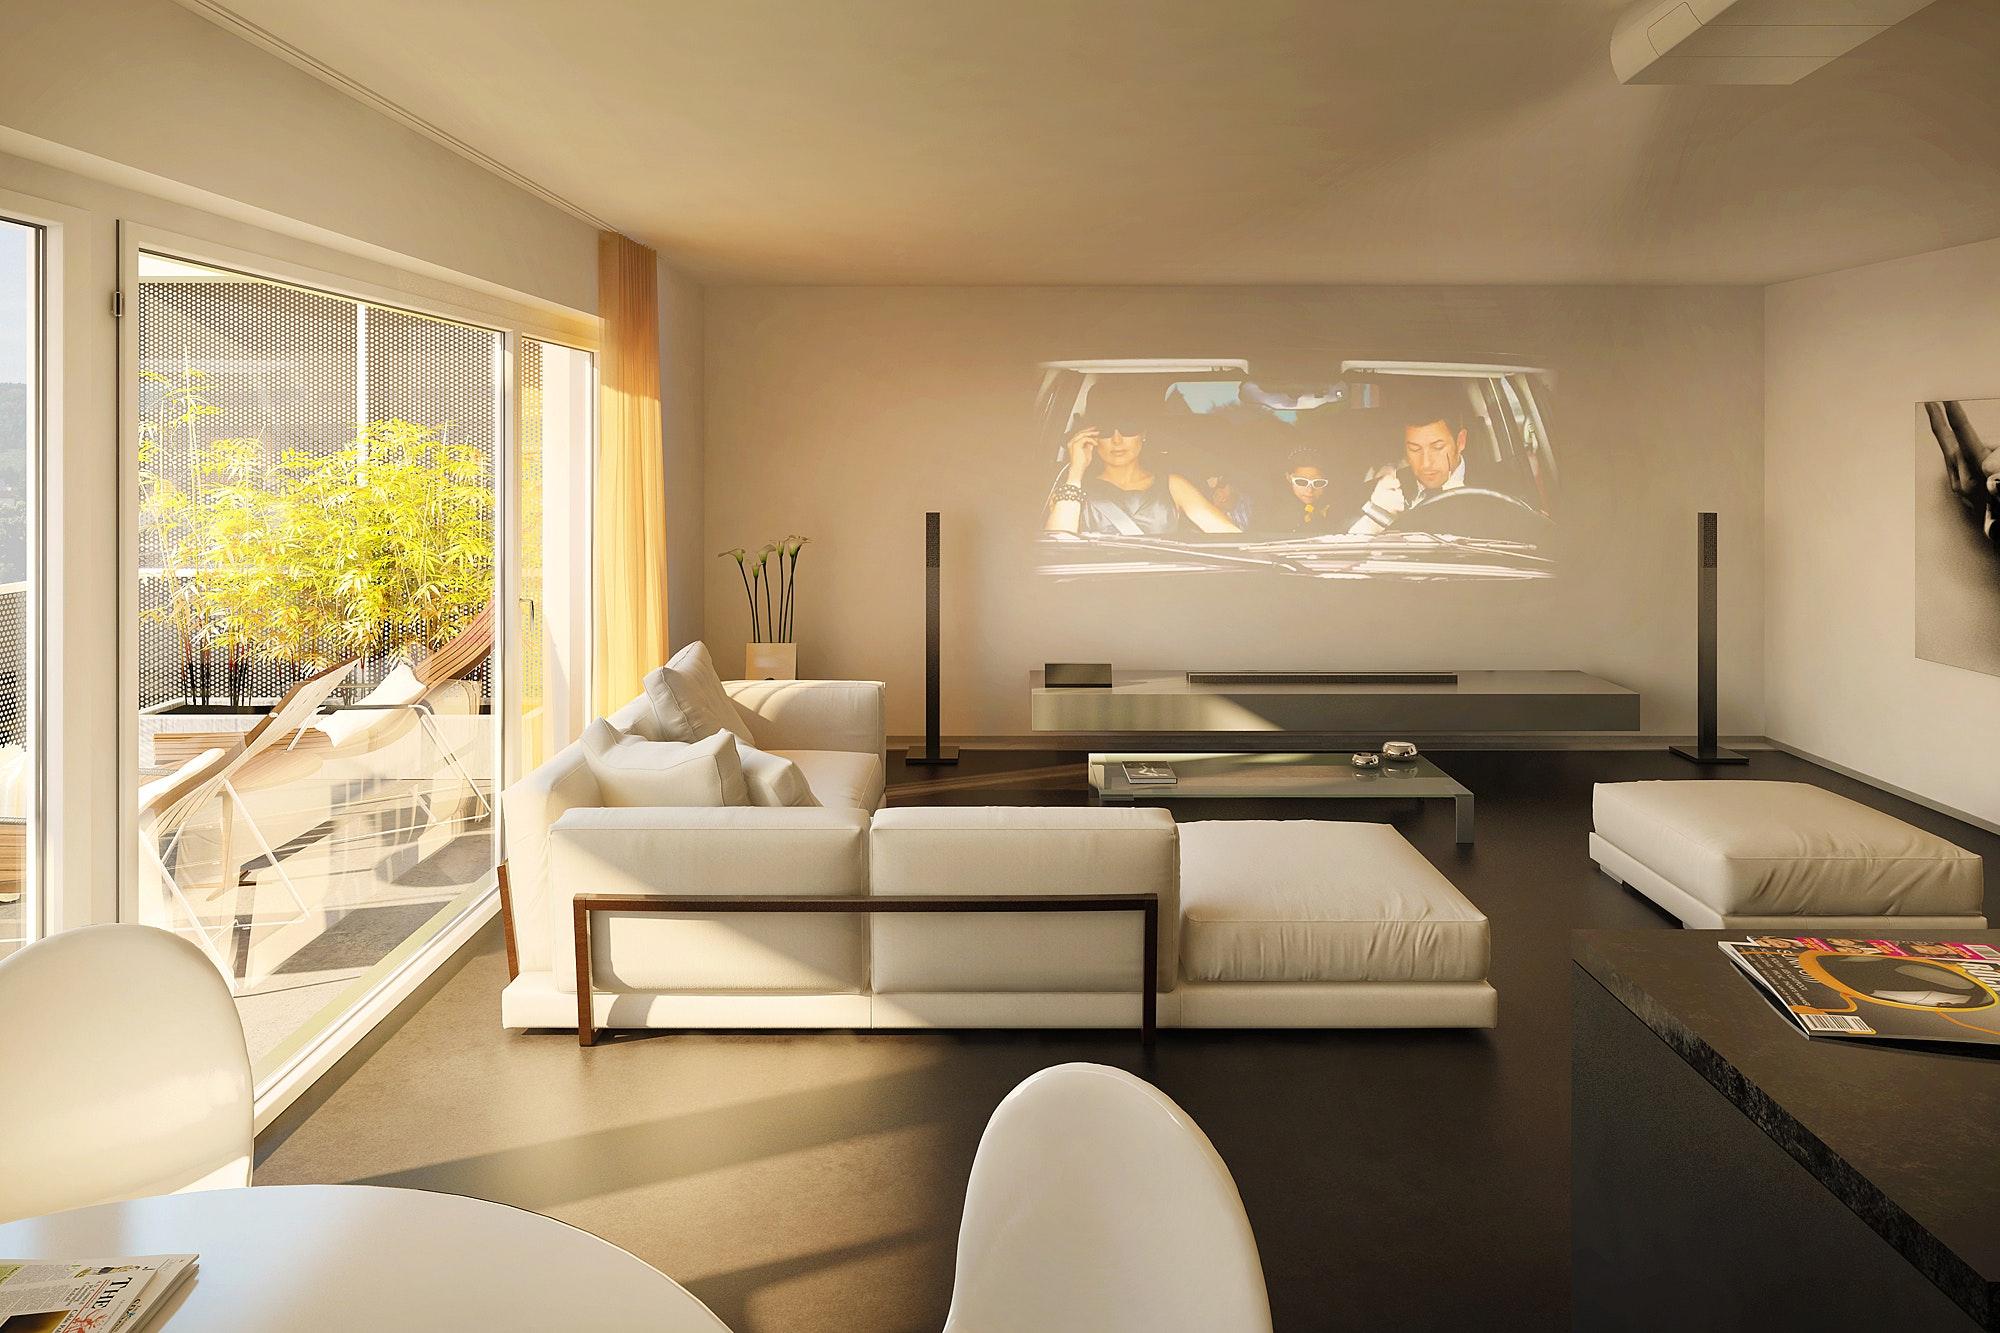 Schöne Luxus Bilder Für Wohnzimmer Wunderbar On Auf Uncategorized Tolles Schone Fur Und 6